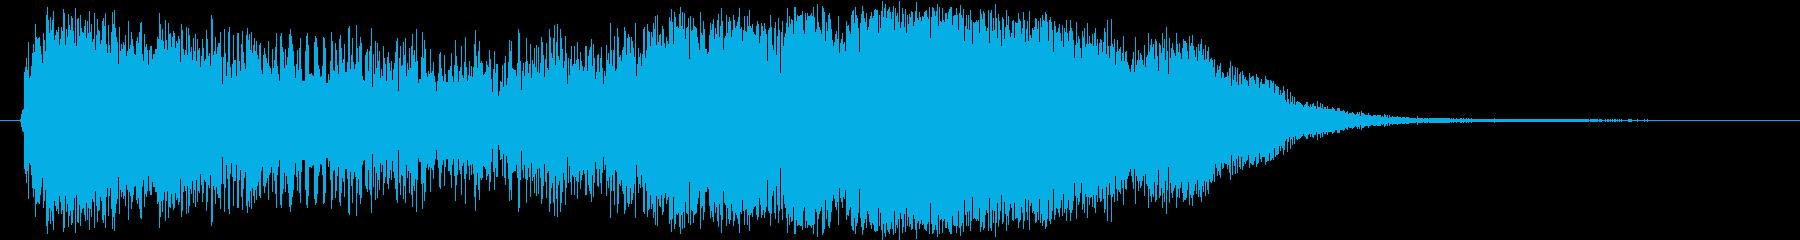 レベルアップっぽいファンファーレの再生済みの波形